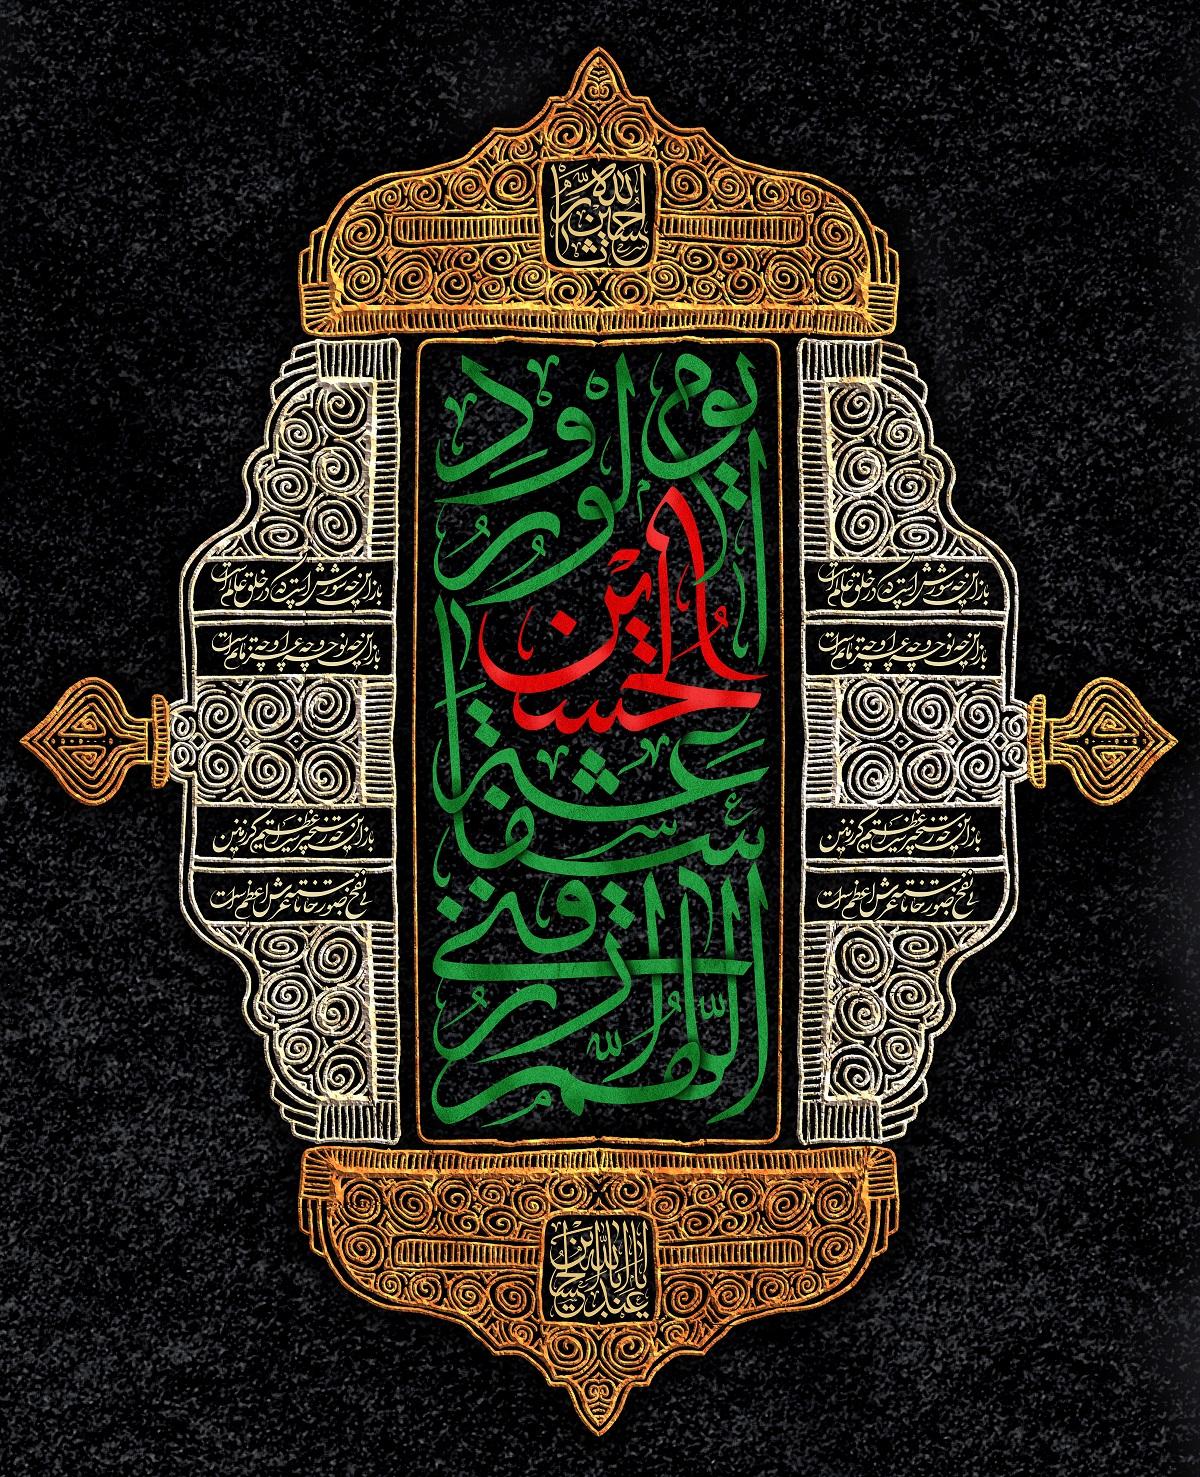 پوستر شهادت امام حسین علیه السلام (24)